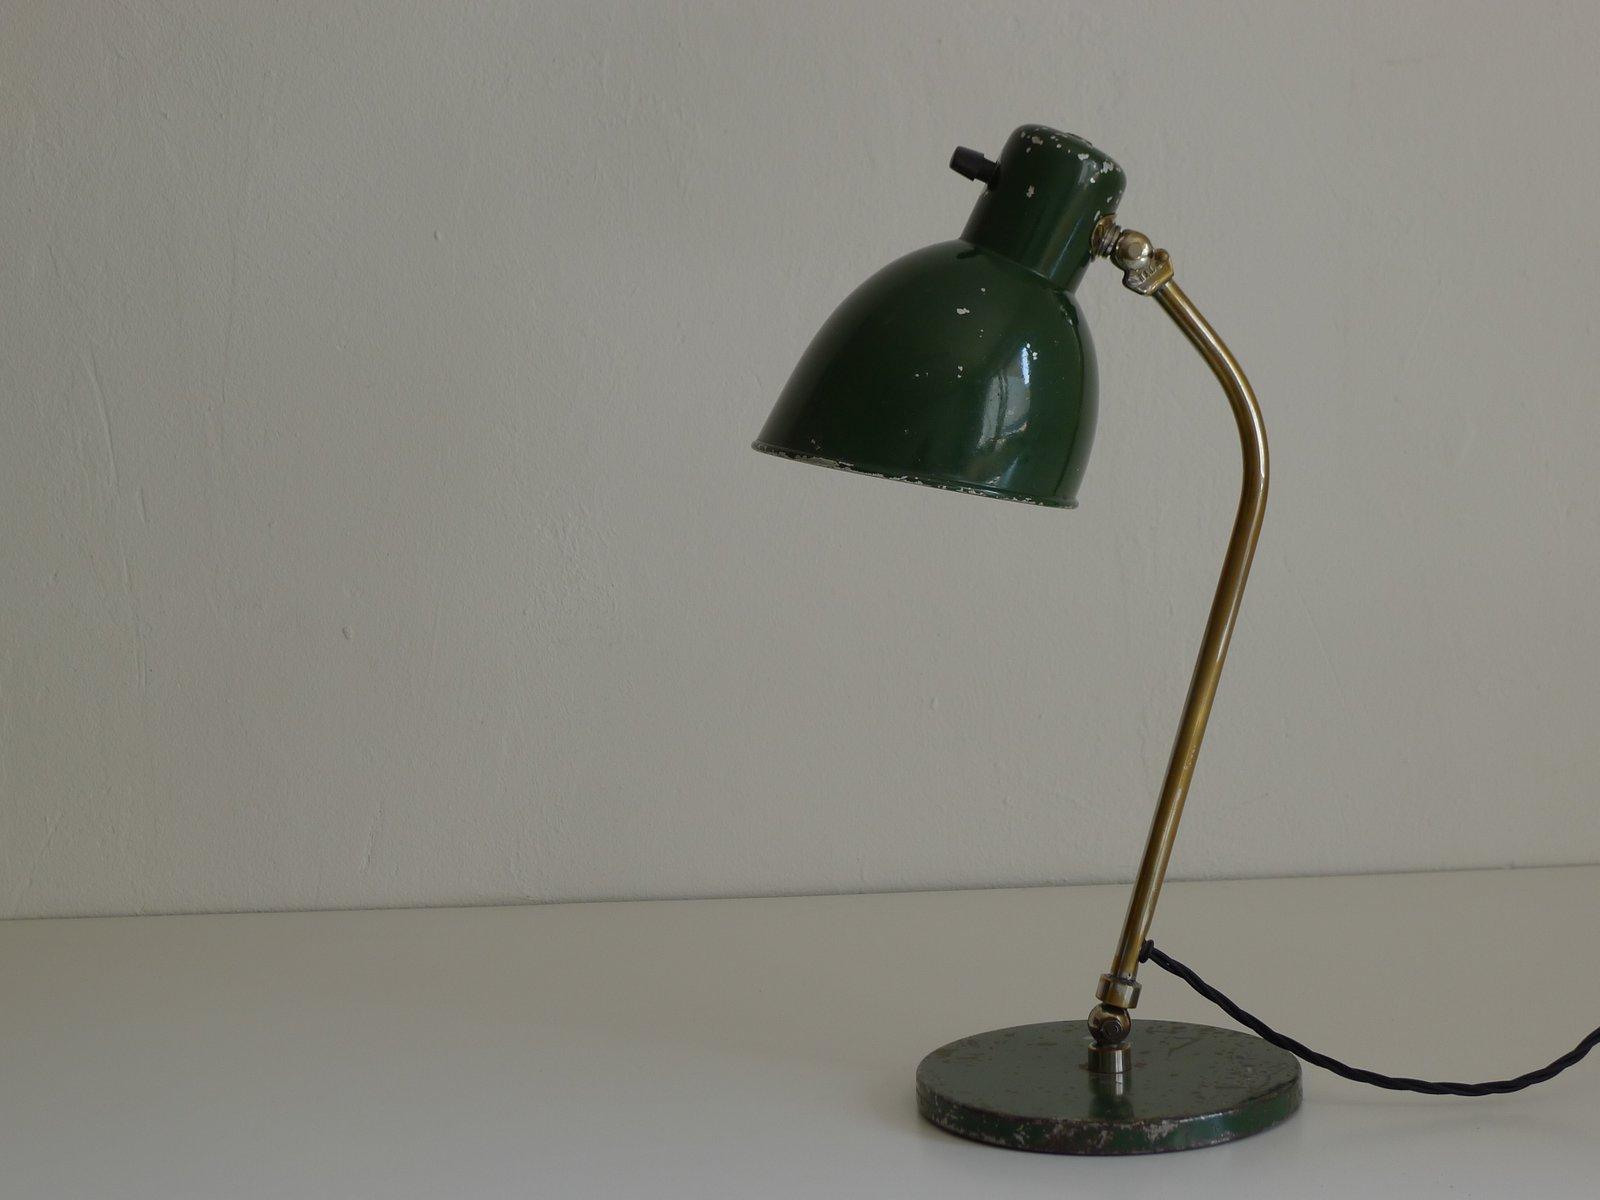 Wandlampe schreibtisch - Wandlampe madchen ...